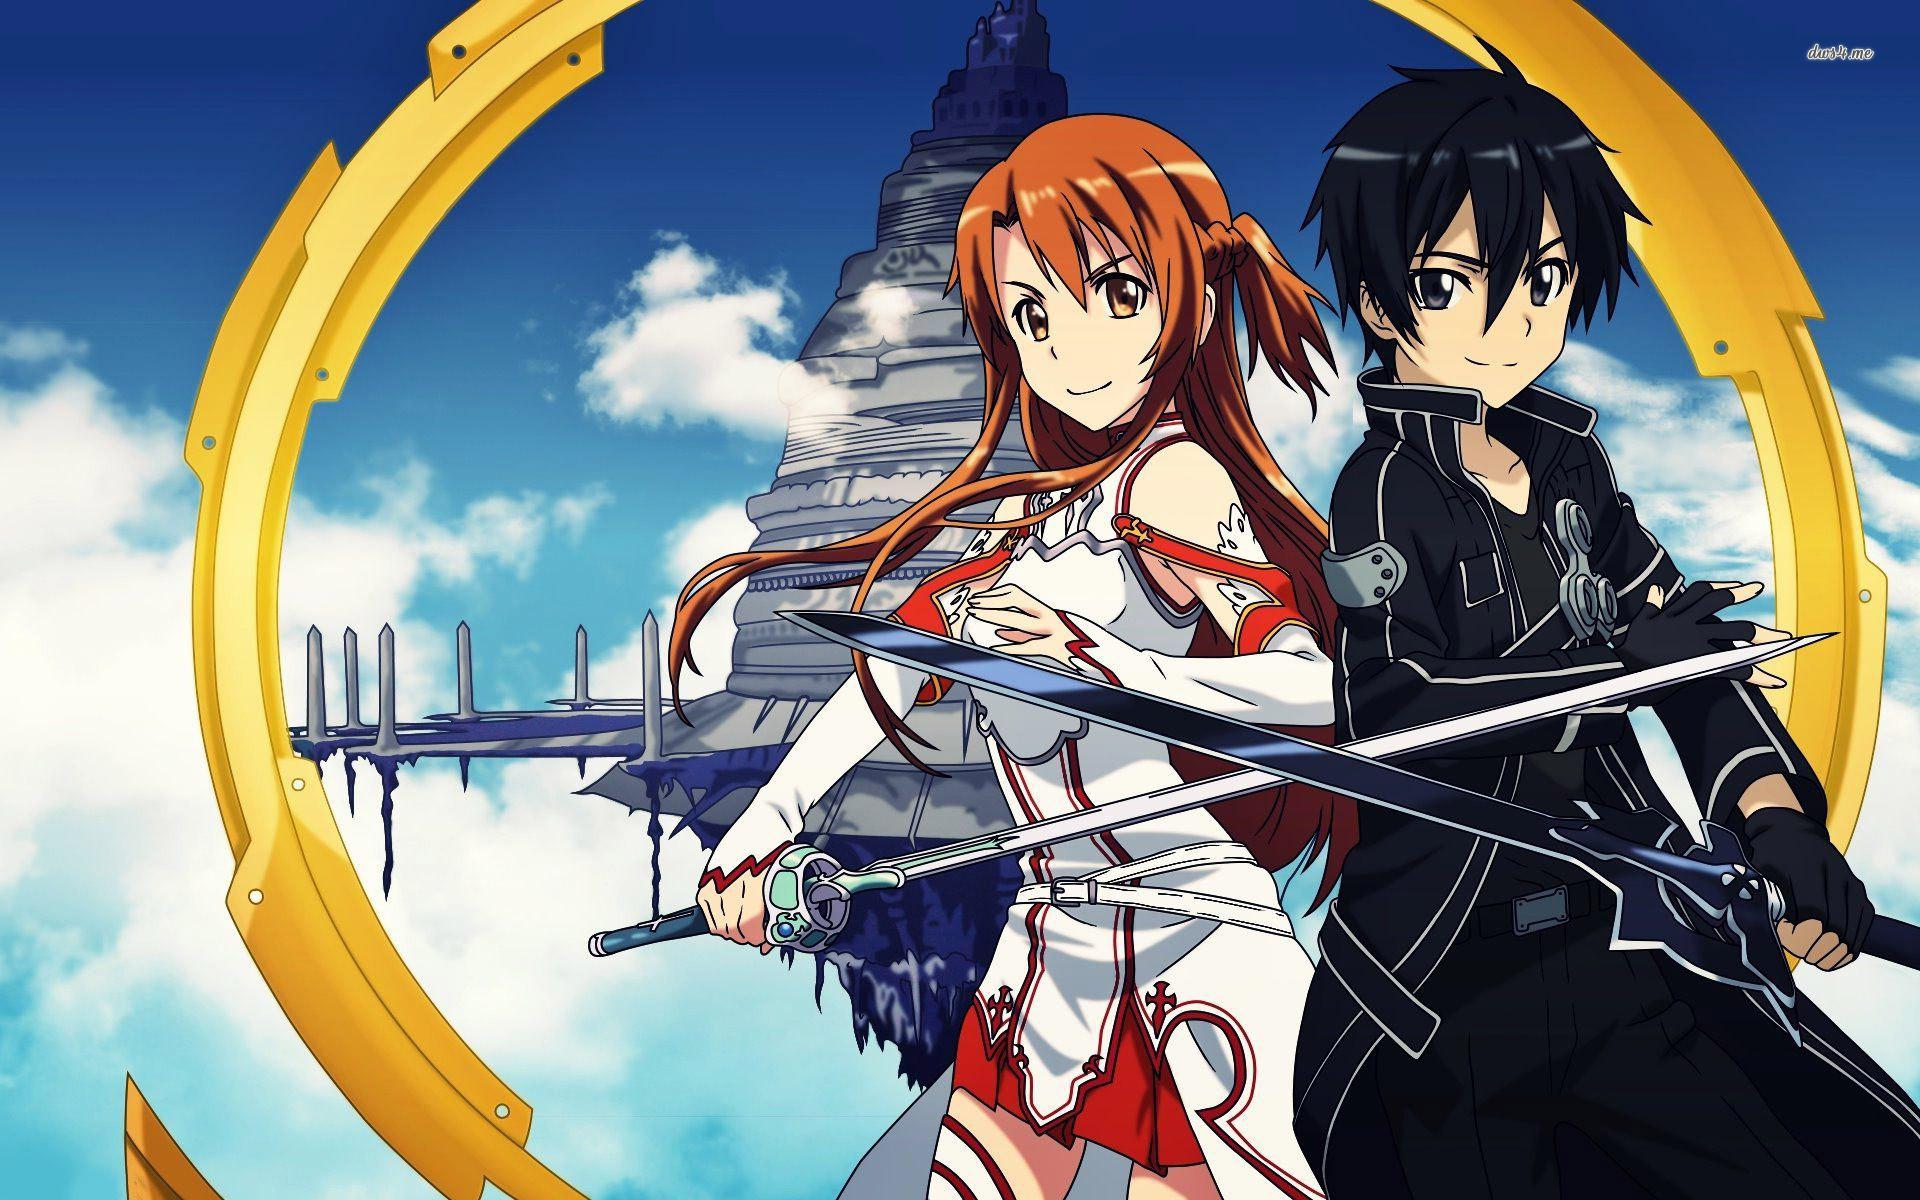 Asuna and Kirito – Sword Art Online wallpaper 1920×1200